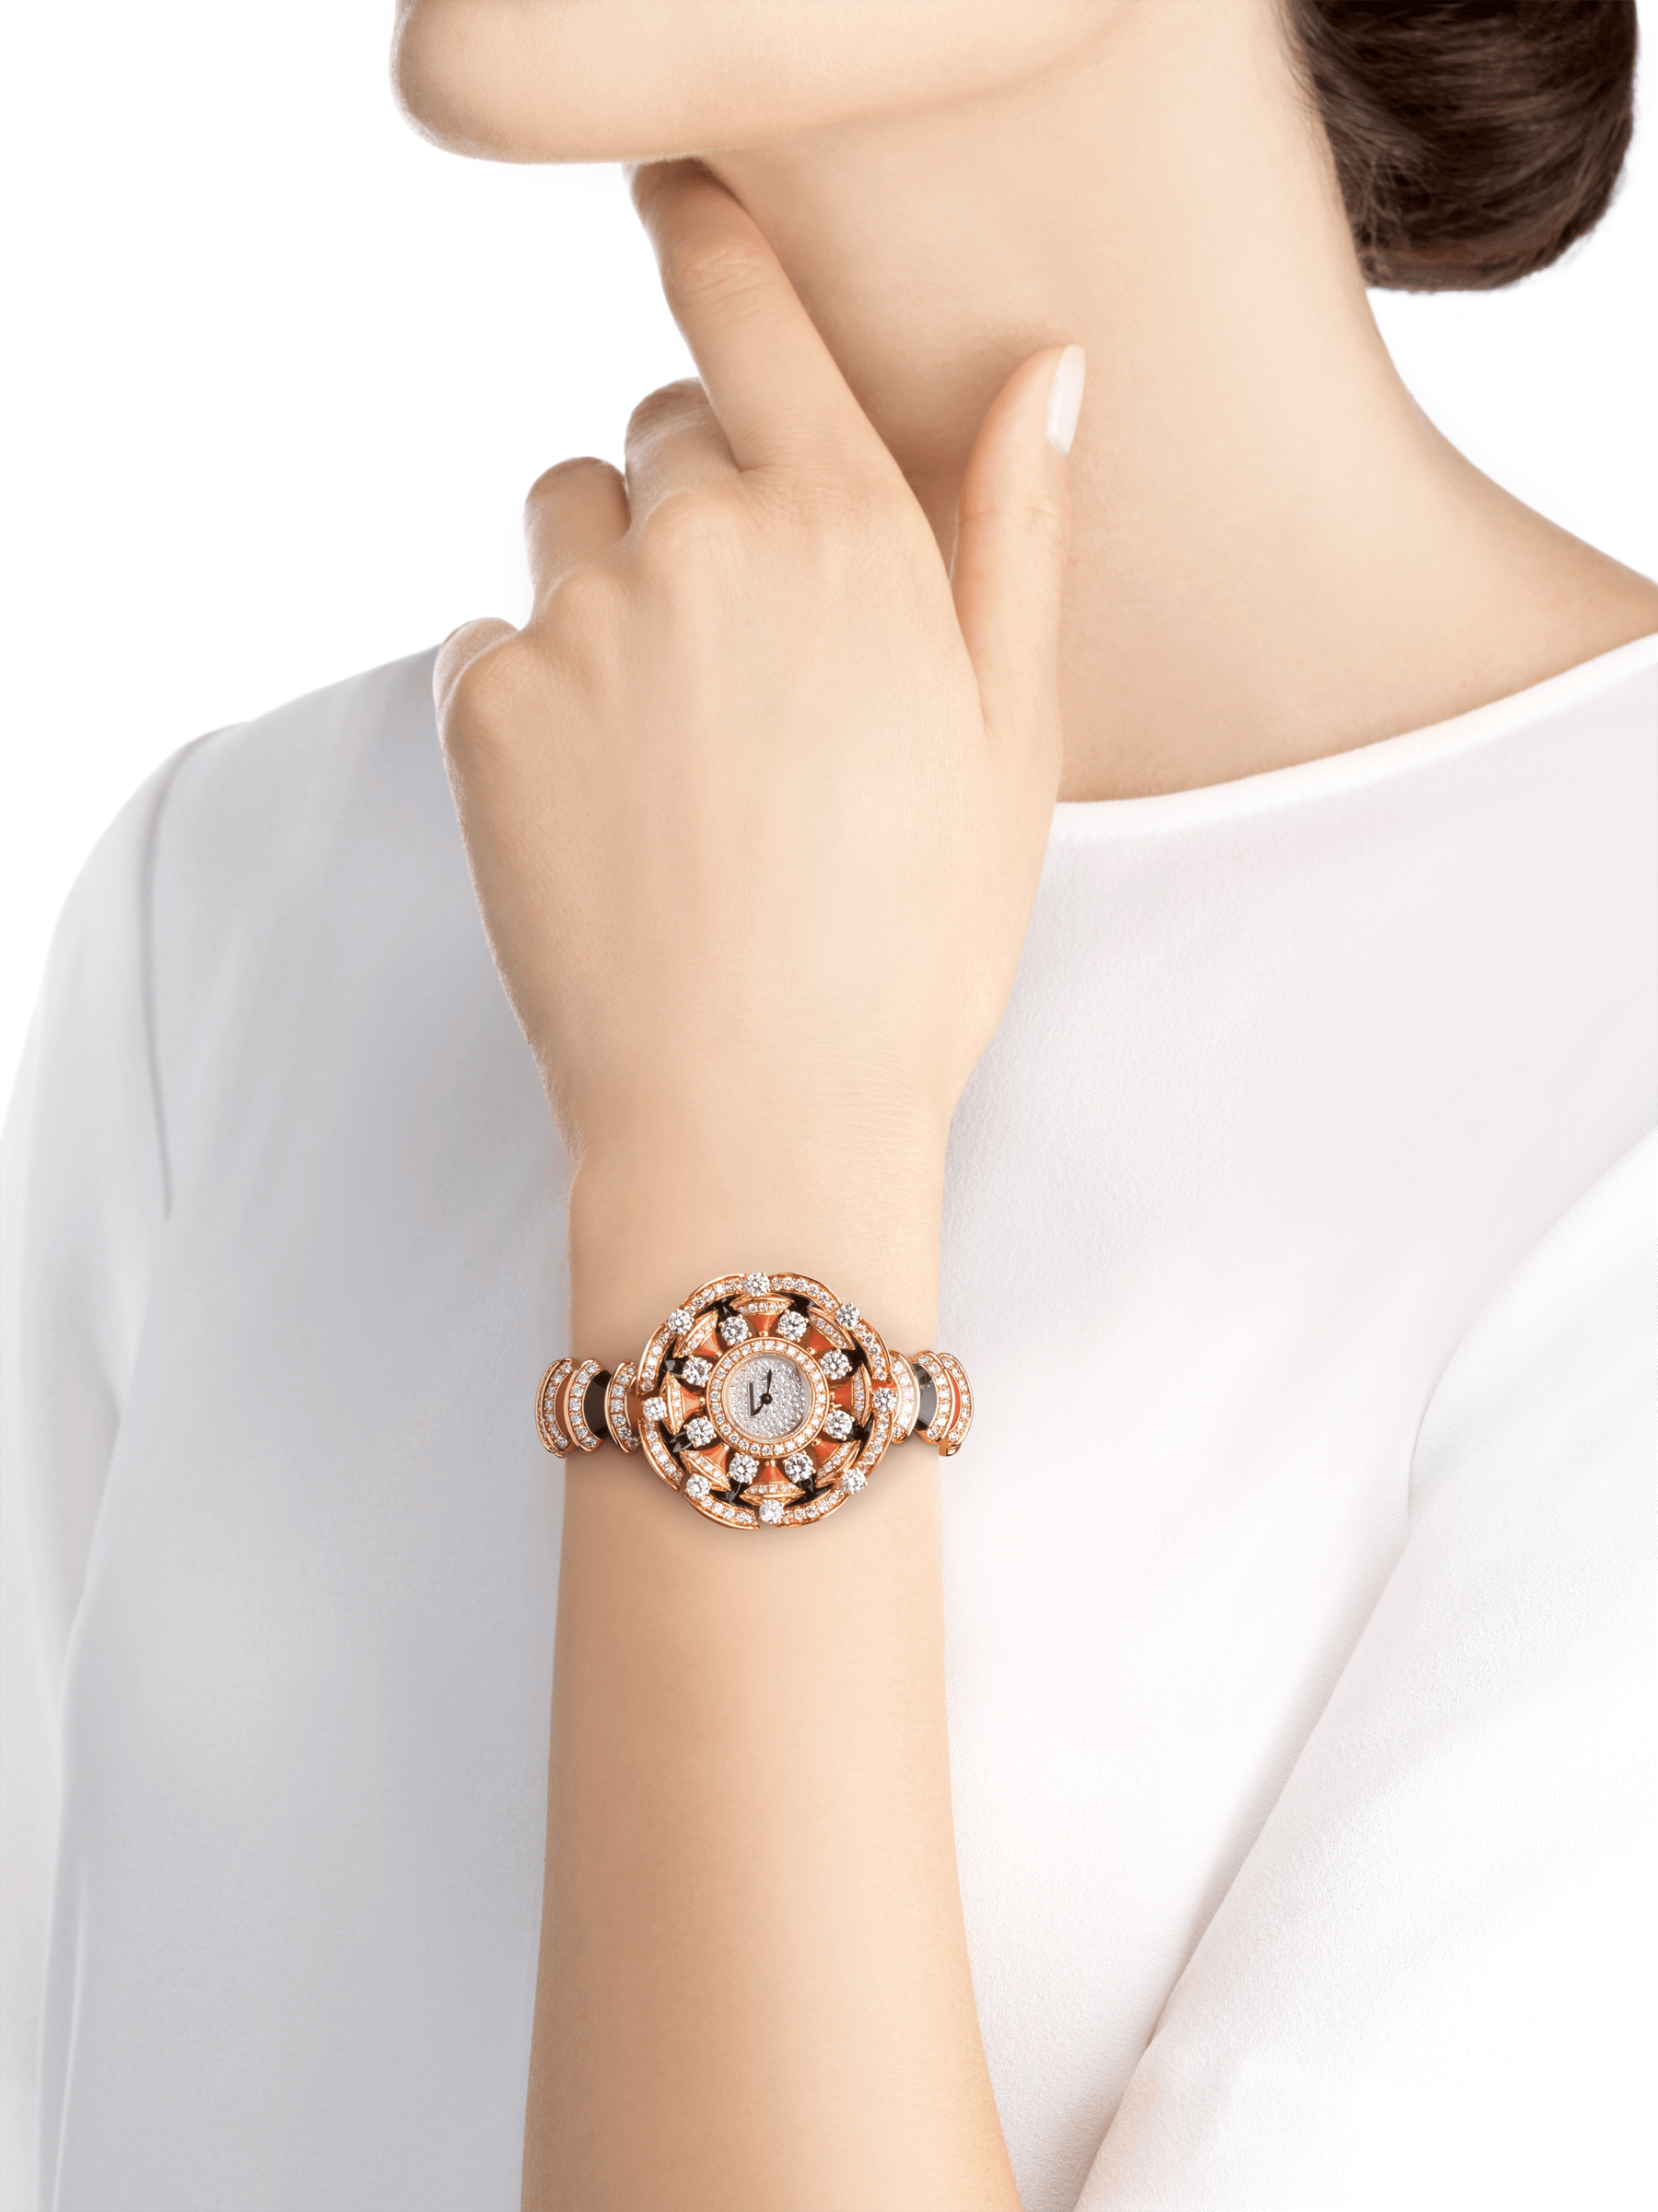 DIVAS' DREAM Uhr mit Gehäuse und Armband aus 18 Karat Roségold, beide mit Diamanten im Brillantschliff, Elementen aus Onyx und roter Koralle, mit Zifferblatt in Neige Pavé-Technik 102422 image 3